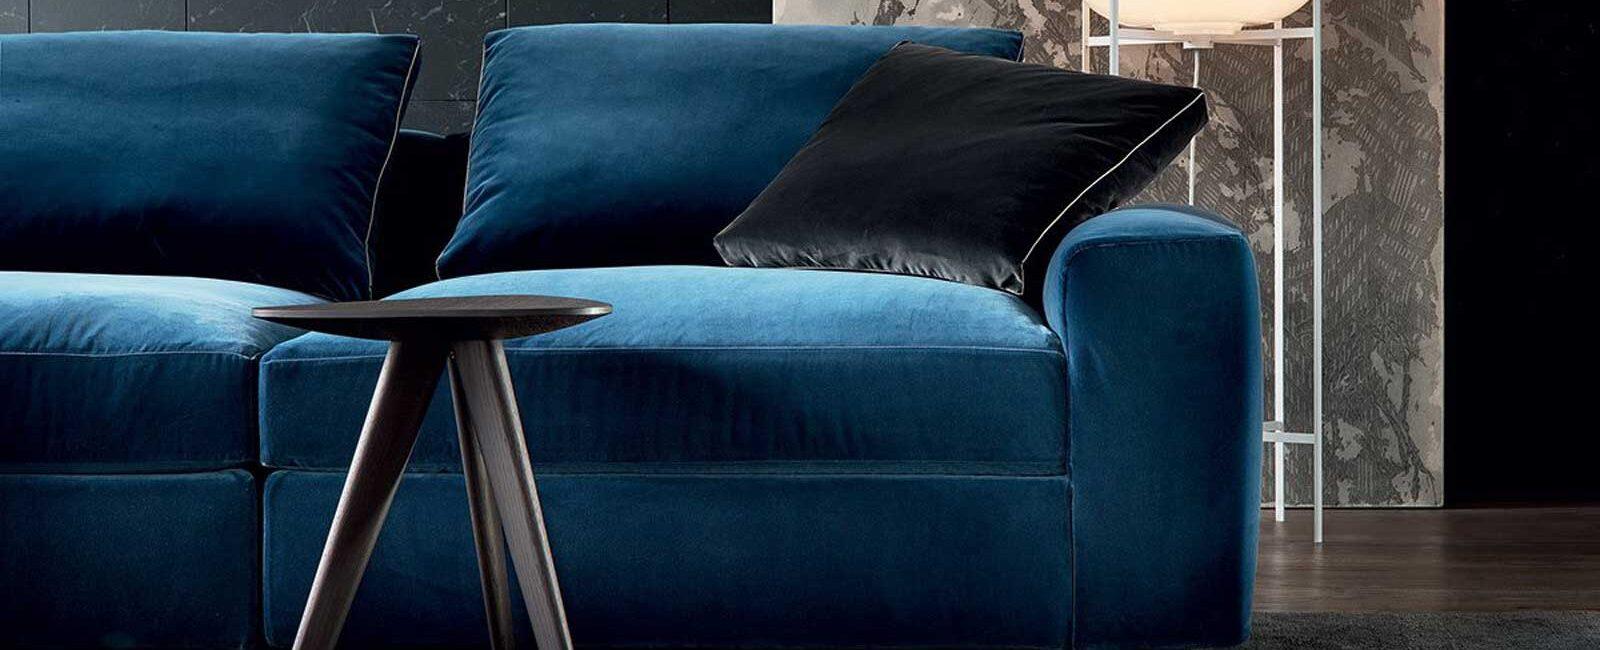 Perché scegliere un divano di design